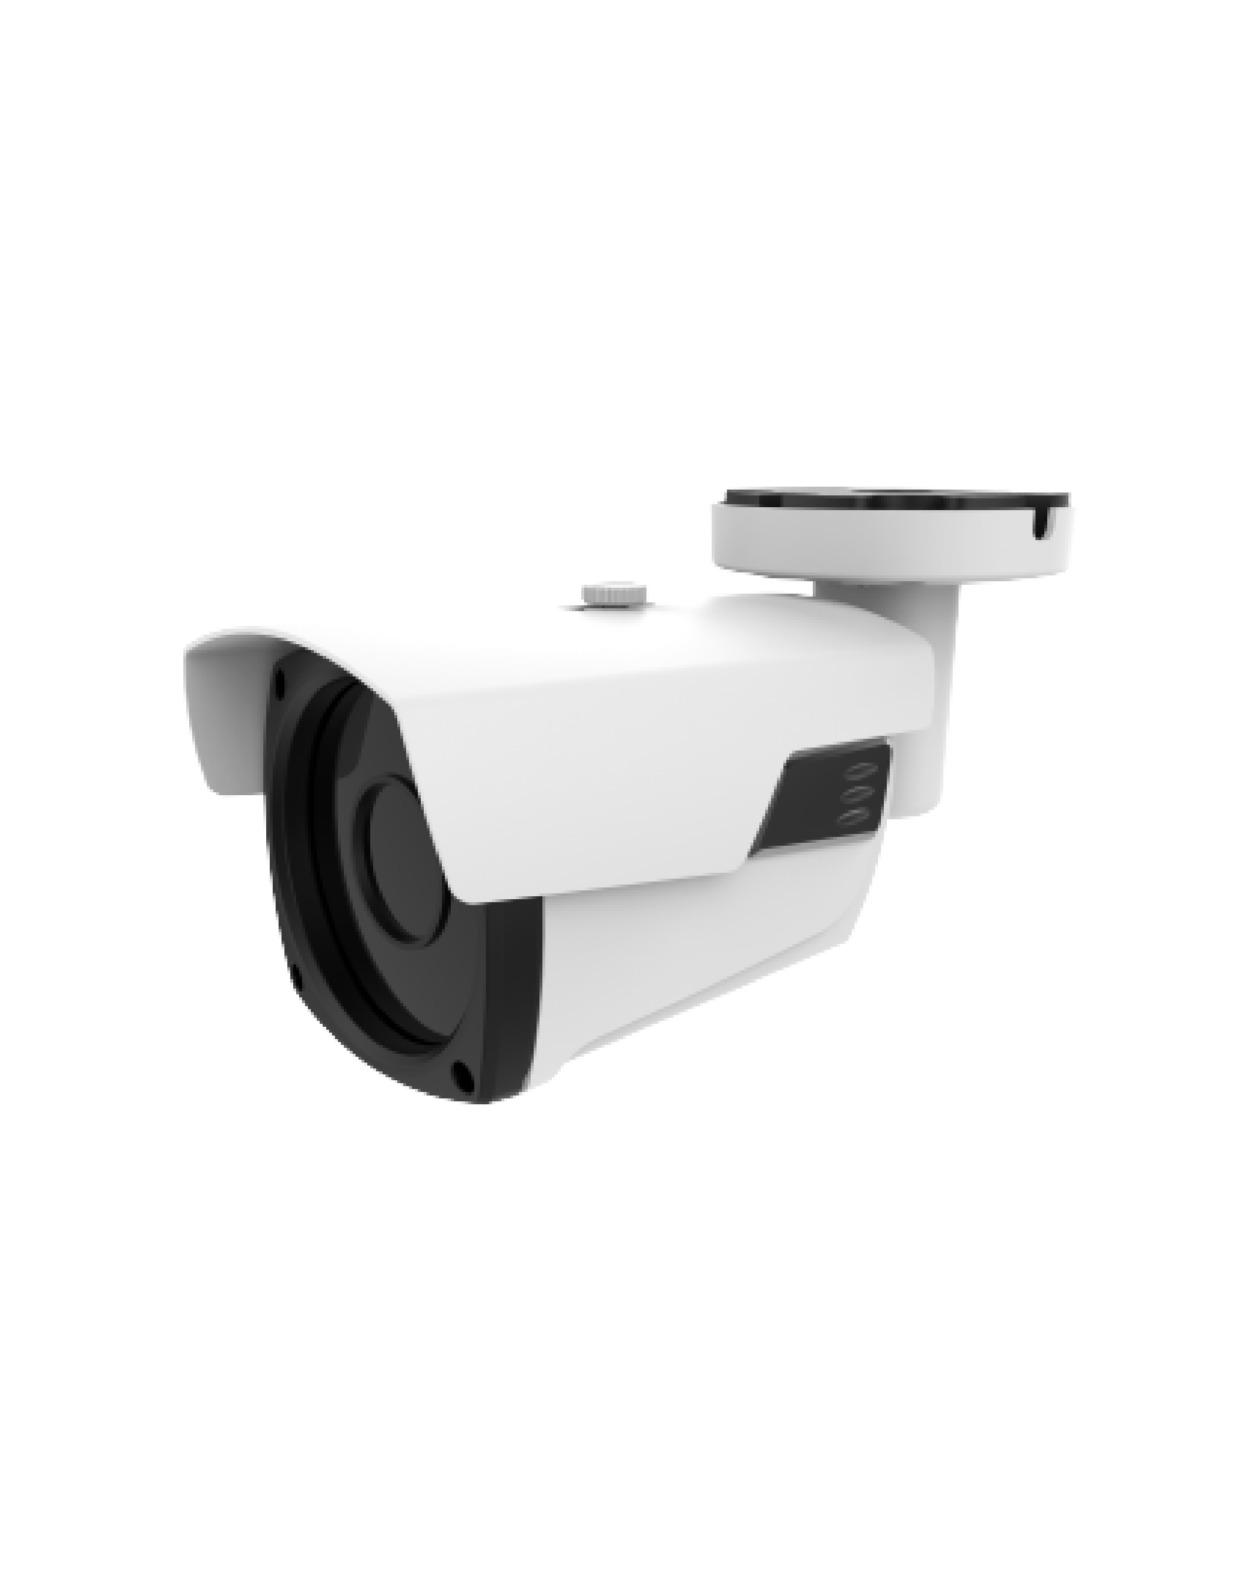 200万画素IP-POEスーパースターライト赤外線バレット型VFカメラ2.8-12mm